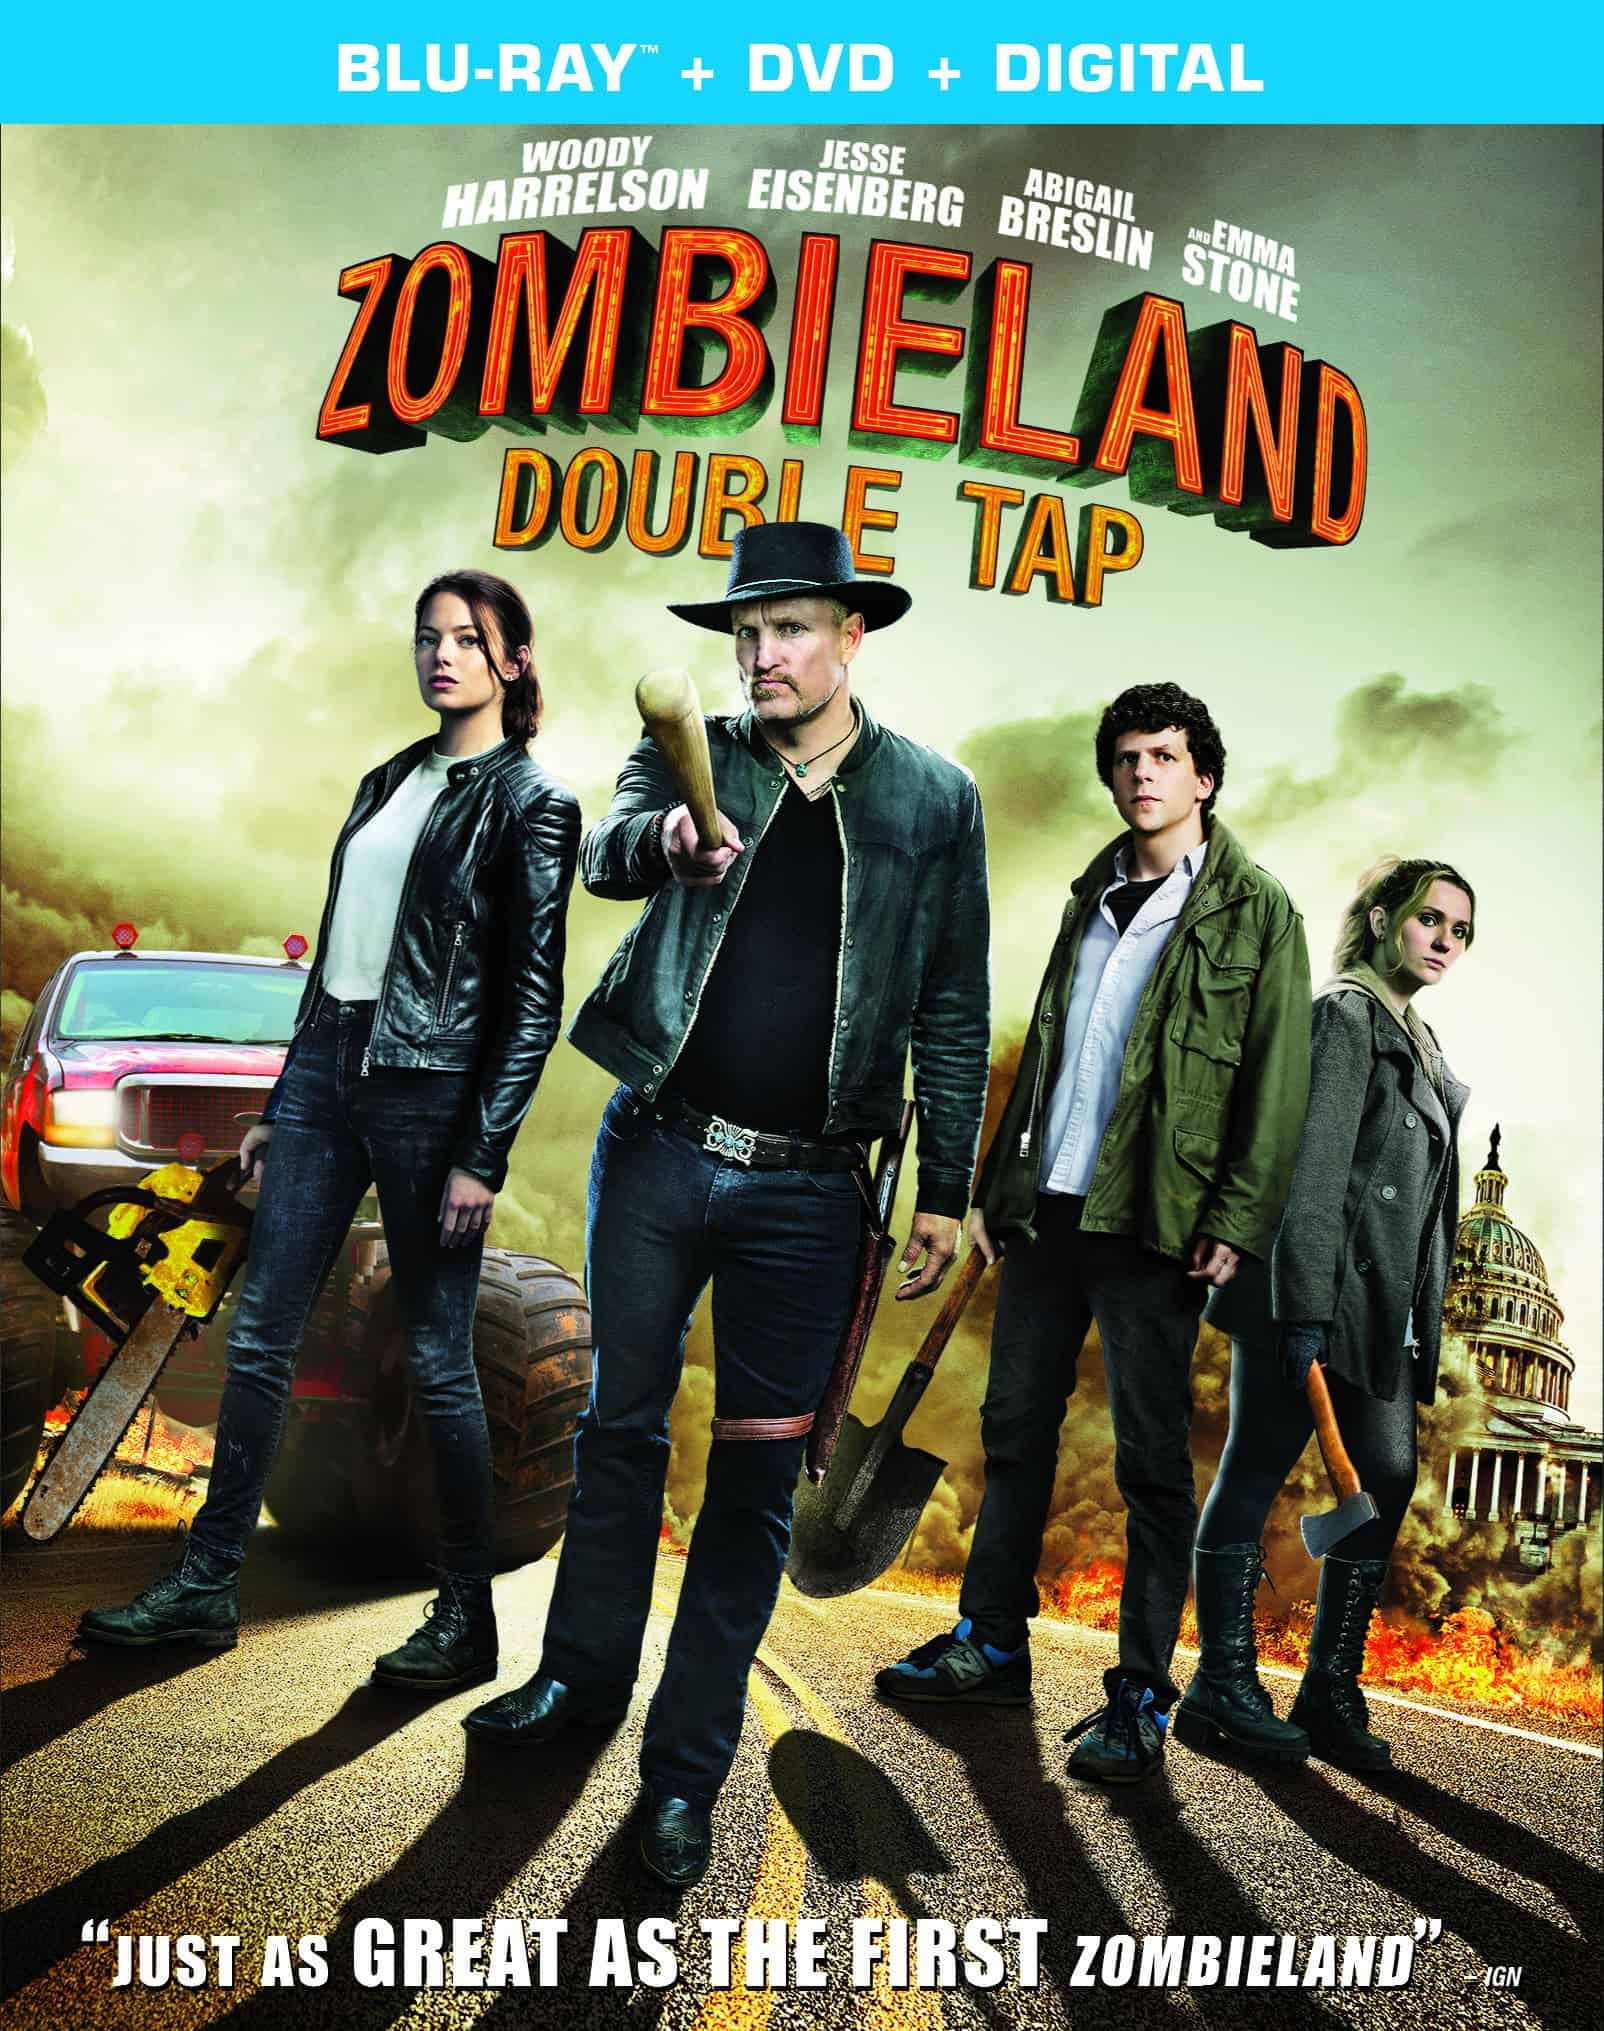 zombieland double tap blu